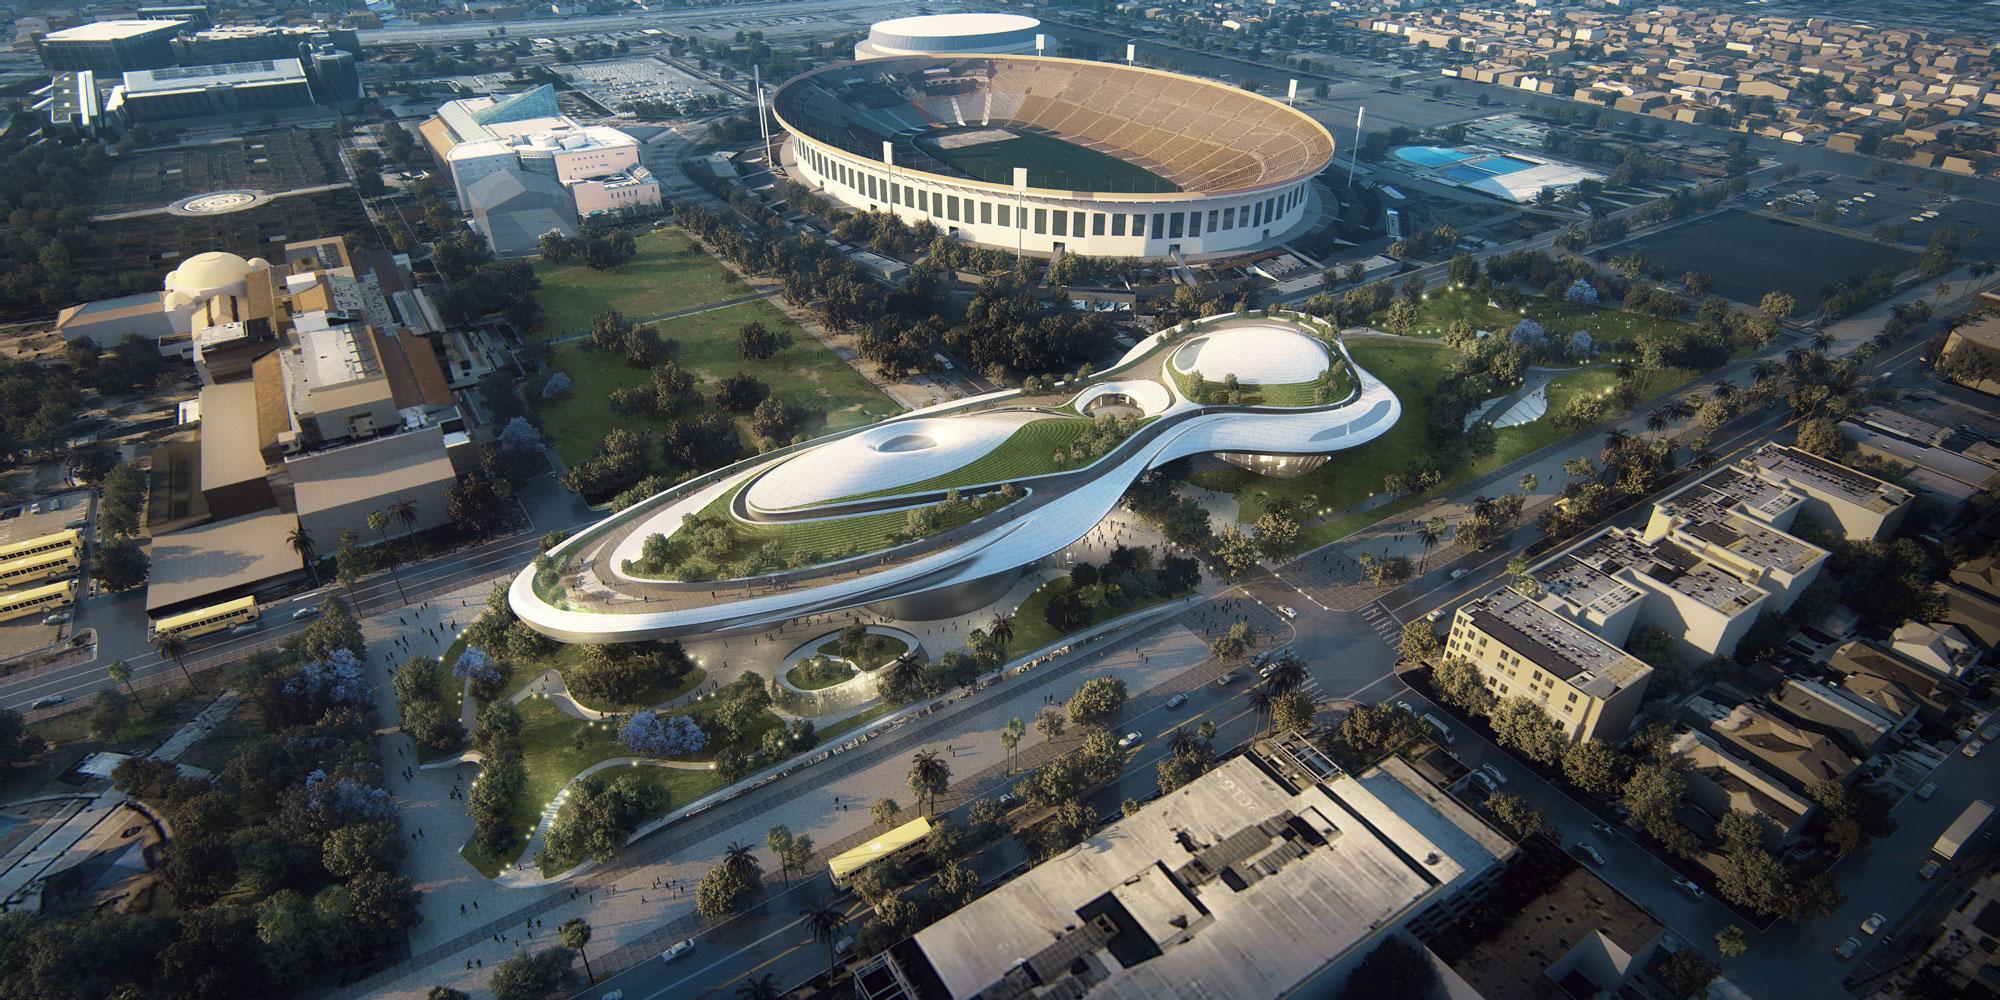 A arquitectura do museu é inspirada, claro, numa nave espacial